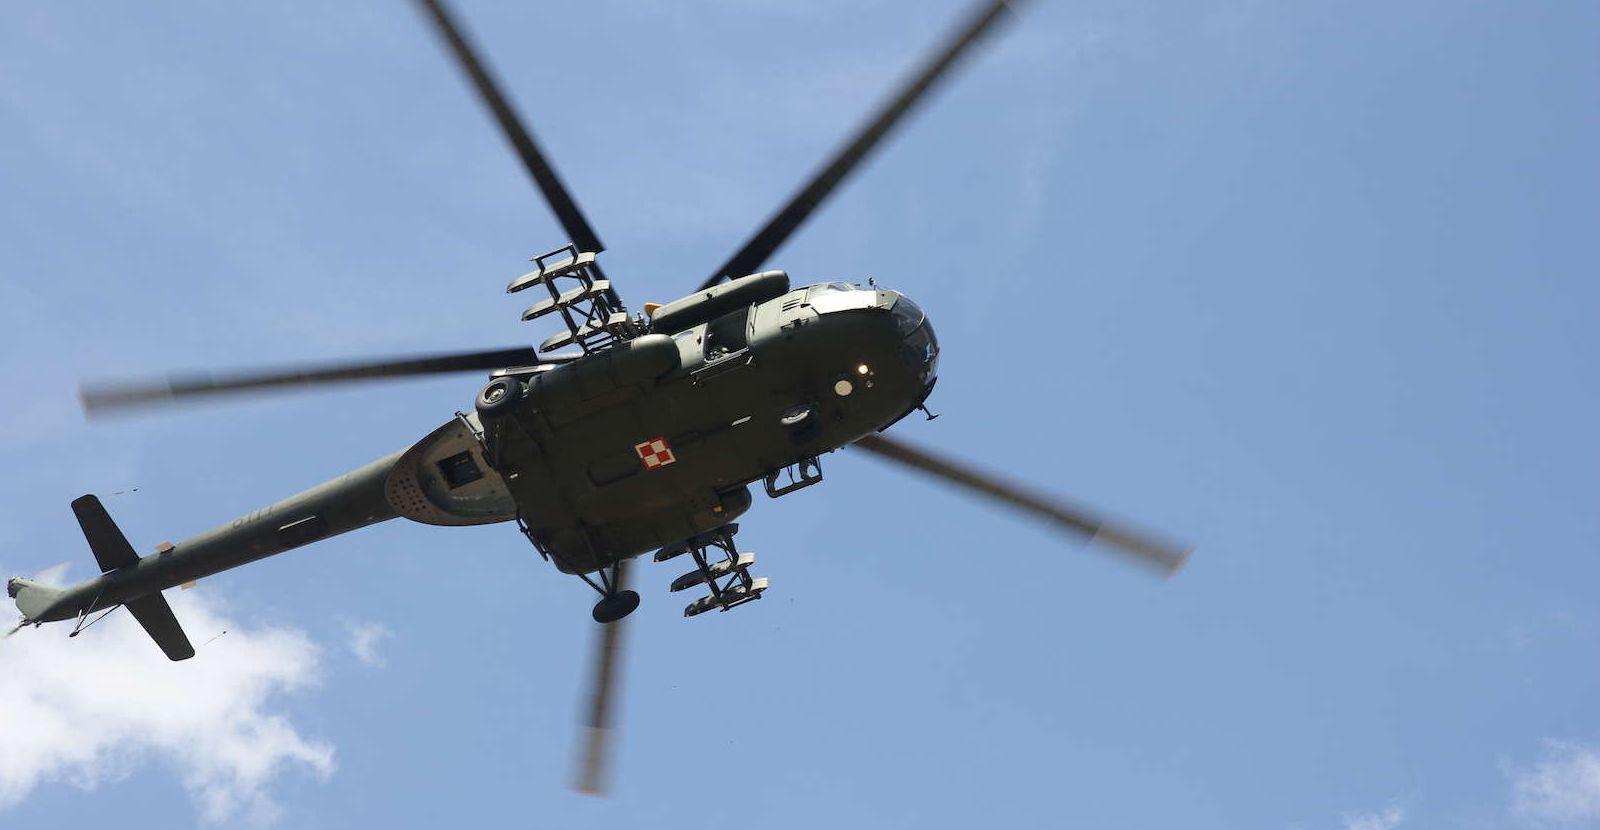 Najnowszy sprzęt wojskowy i pokazy specjalistyczne na Targach Pro Defense 2017